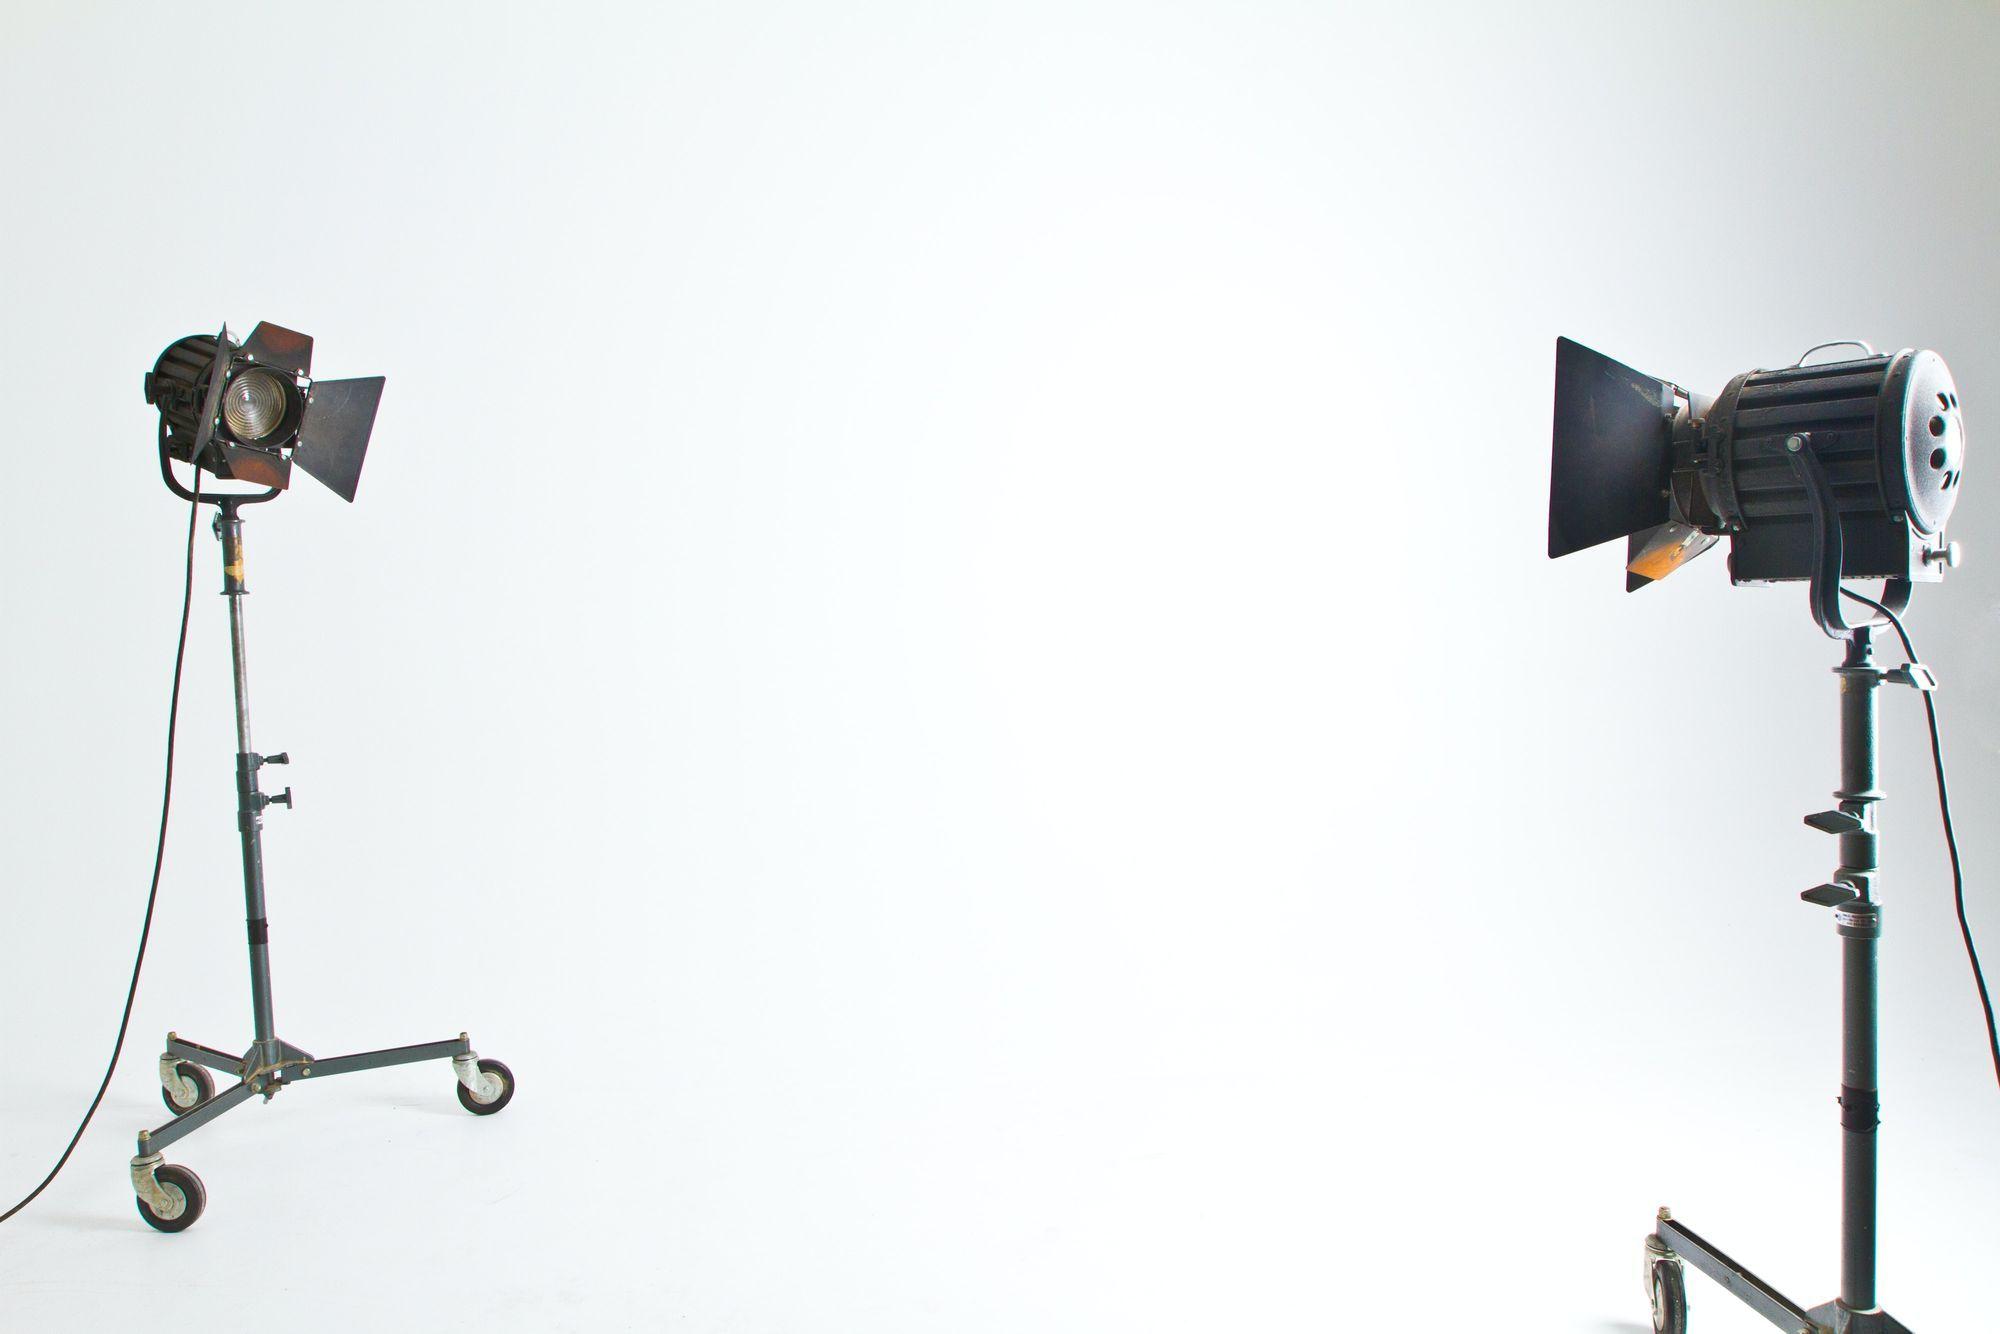 Fresnels for filmmaking